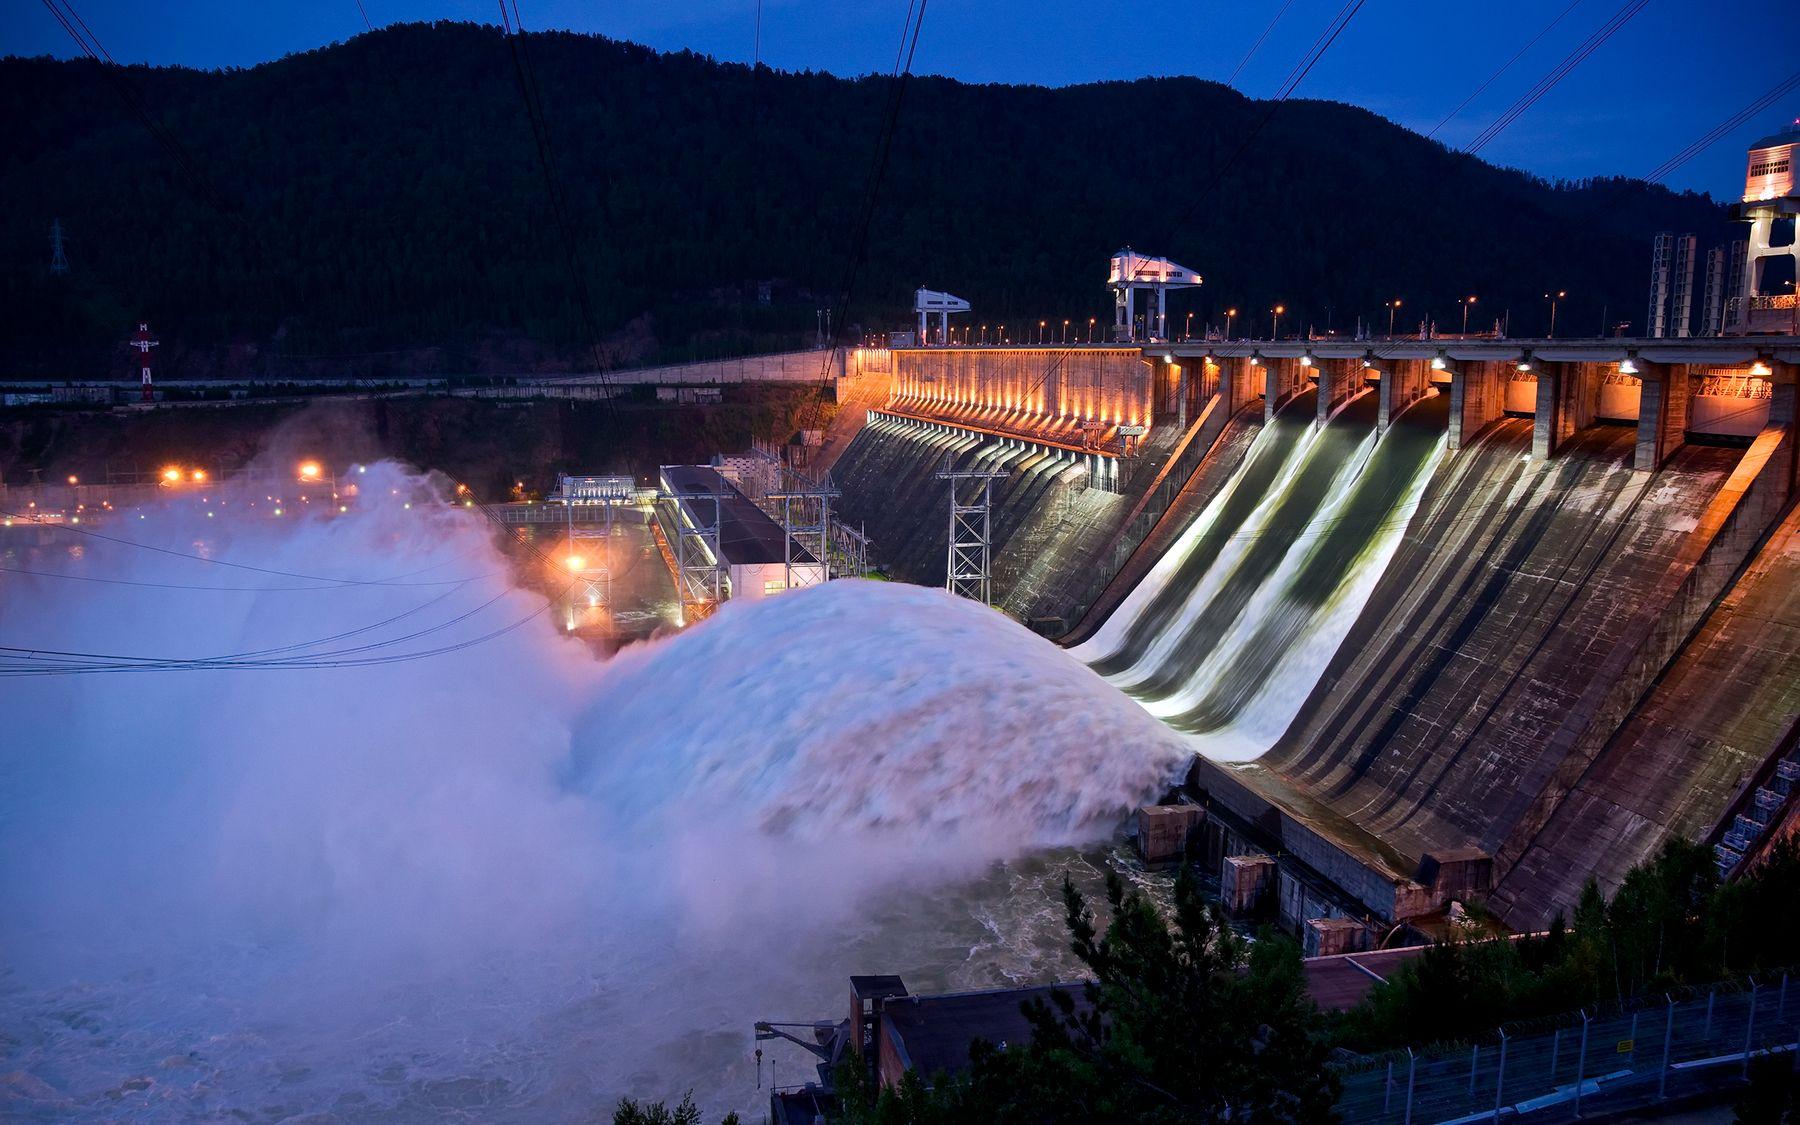 Ещё про водосброс на Красноярской ГЭС Красноярская ГЭС Енисей водосброс вечер лето июнь подсветка